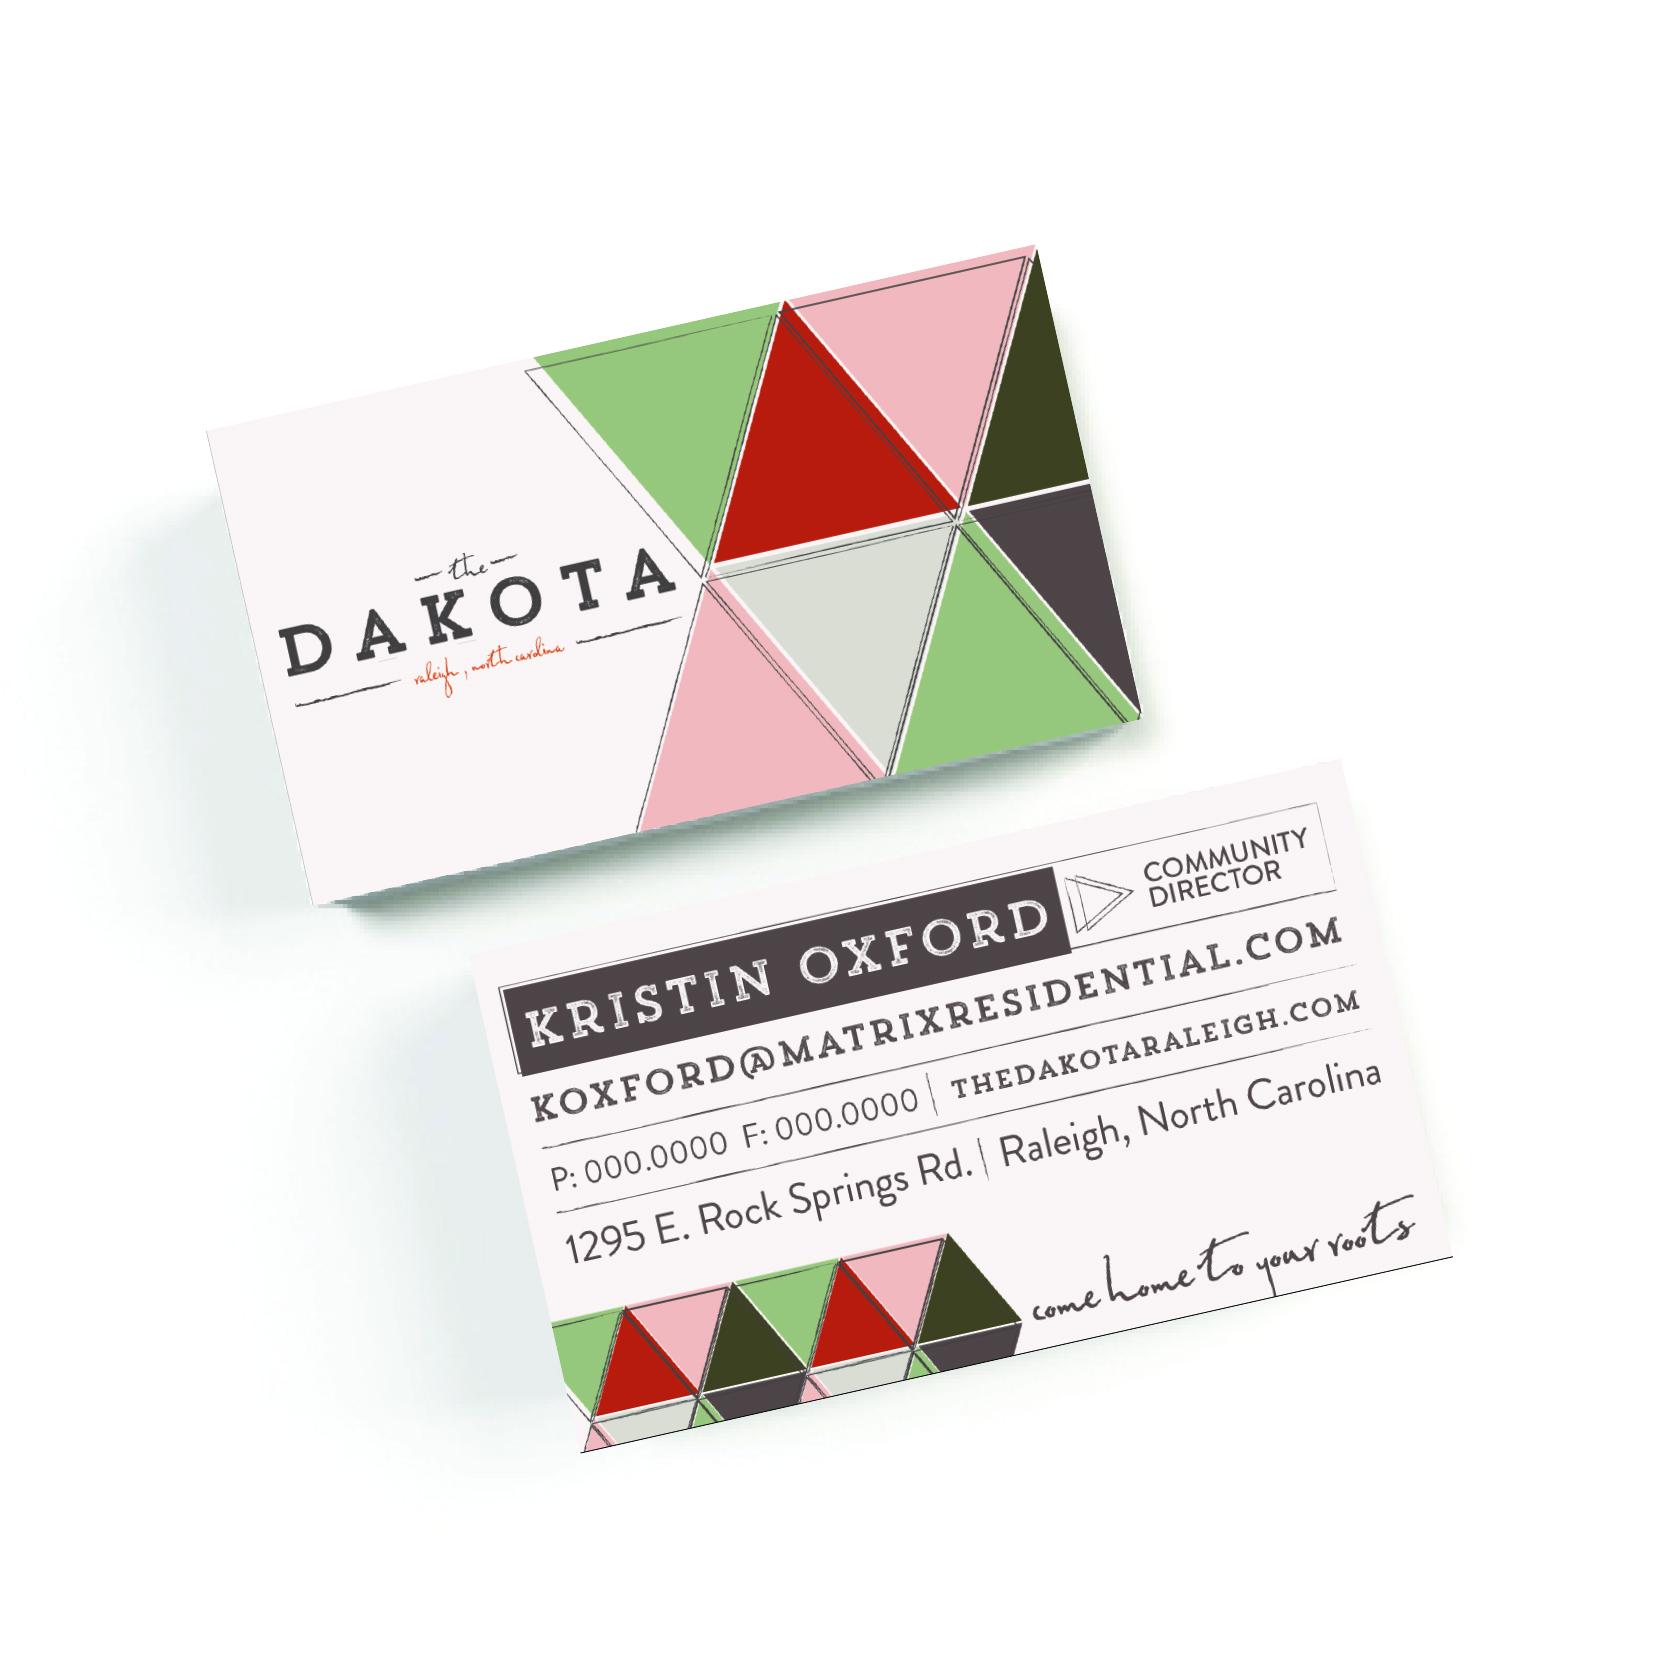 dakotacard.jpg